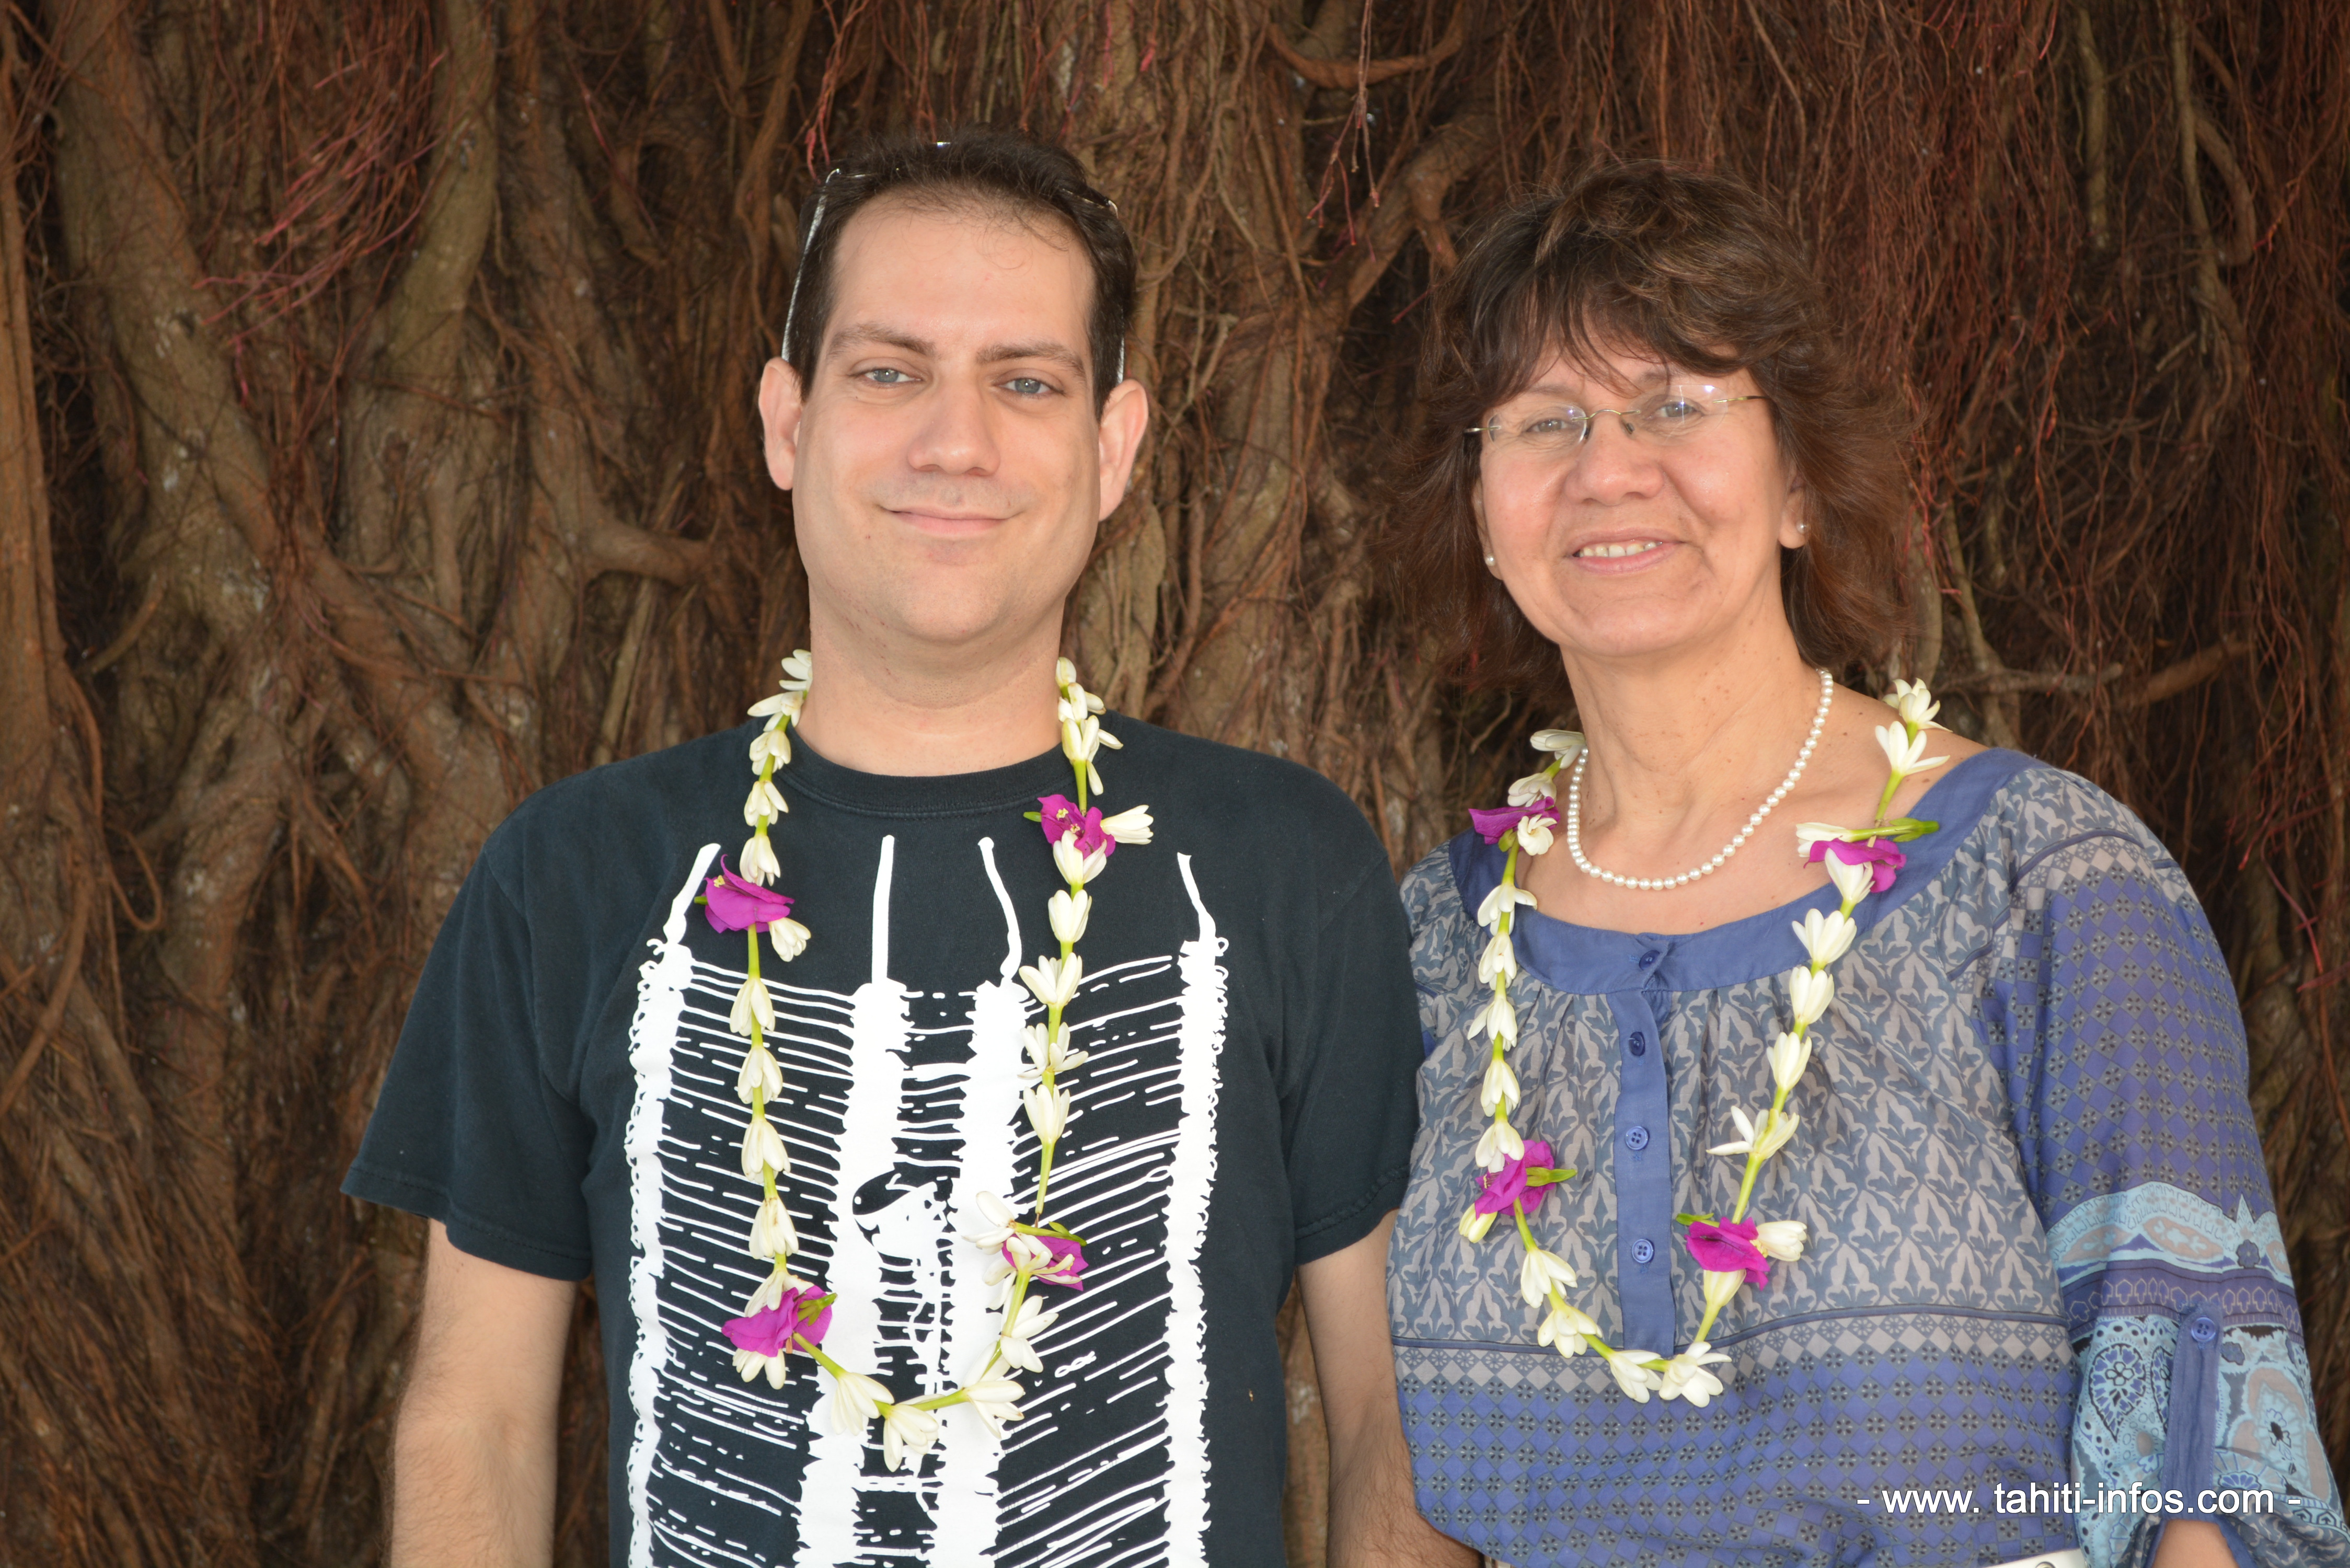 Louis-Karl Picard-Sioui et Virginia Pésémapéo Bordeleau  prennent la pose sous le banian de Te Fare Tauhiti Nui.